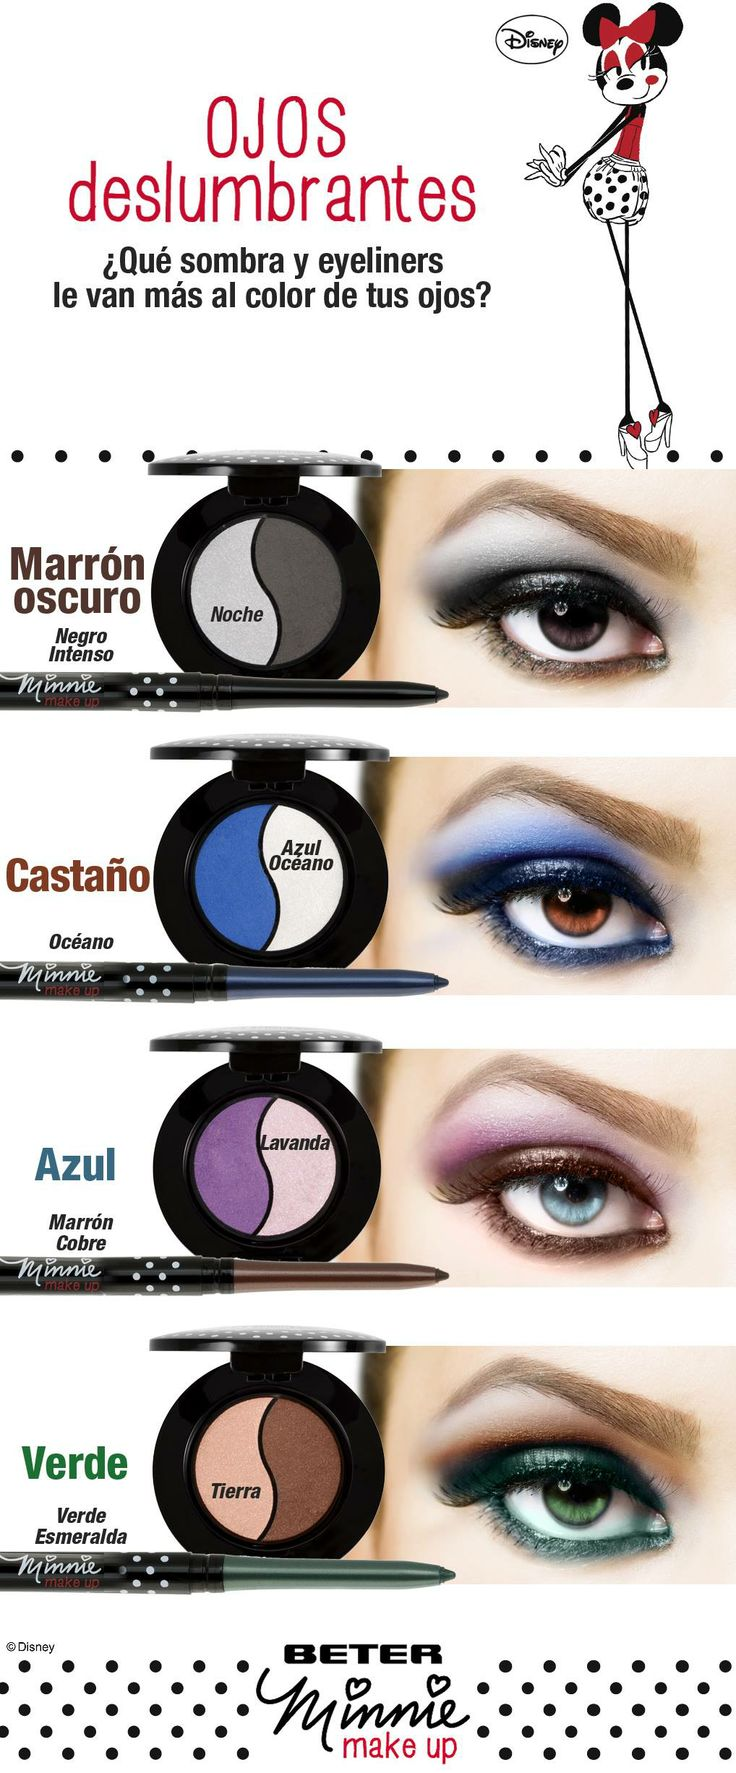 Coordina tus sombras con el color de tus ojos